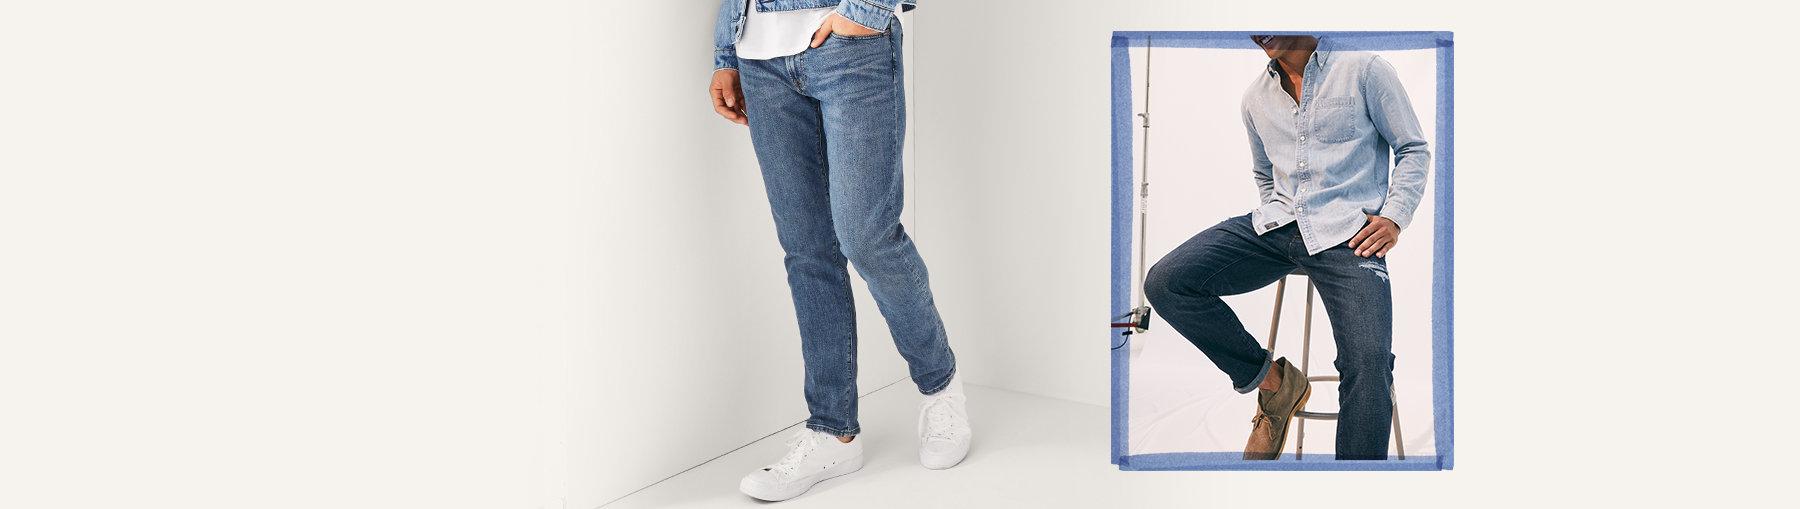 e359e889d1 Jeans ajustados de hombre